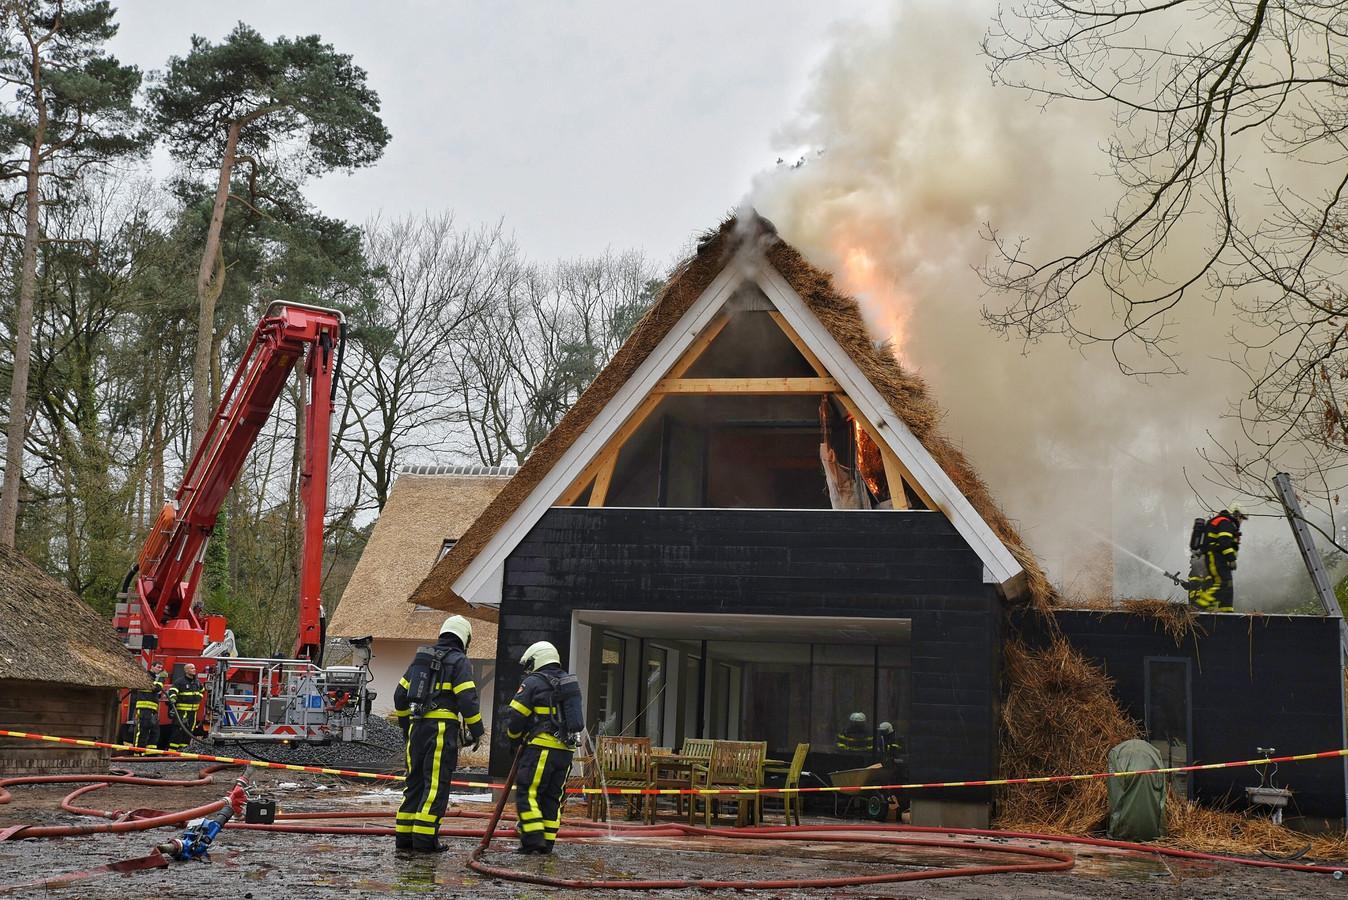 Gespecialiseerd bureau zoekt naar oorzaak brand in woning oisterwijk